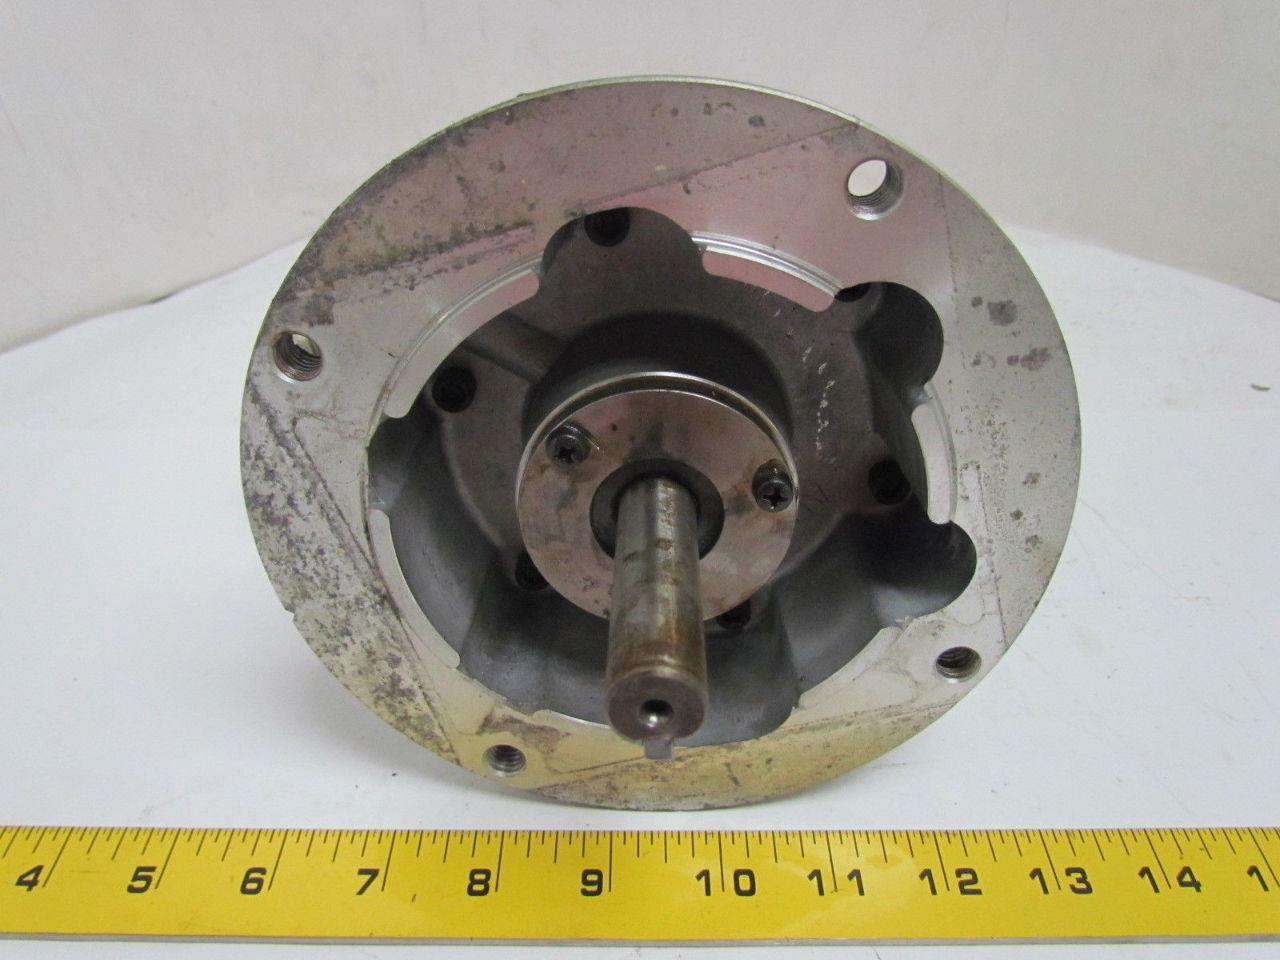 Gast 6am Nrv 11a Lubricated Air Motor 4 Vanes Reversible 7